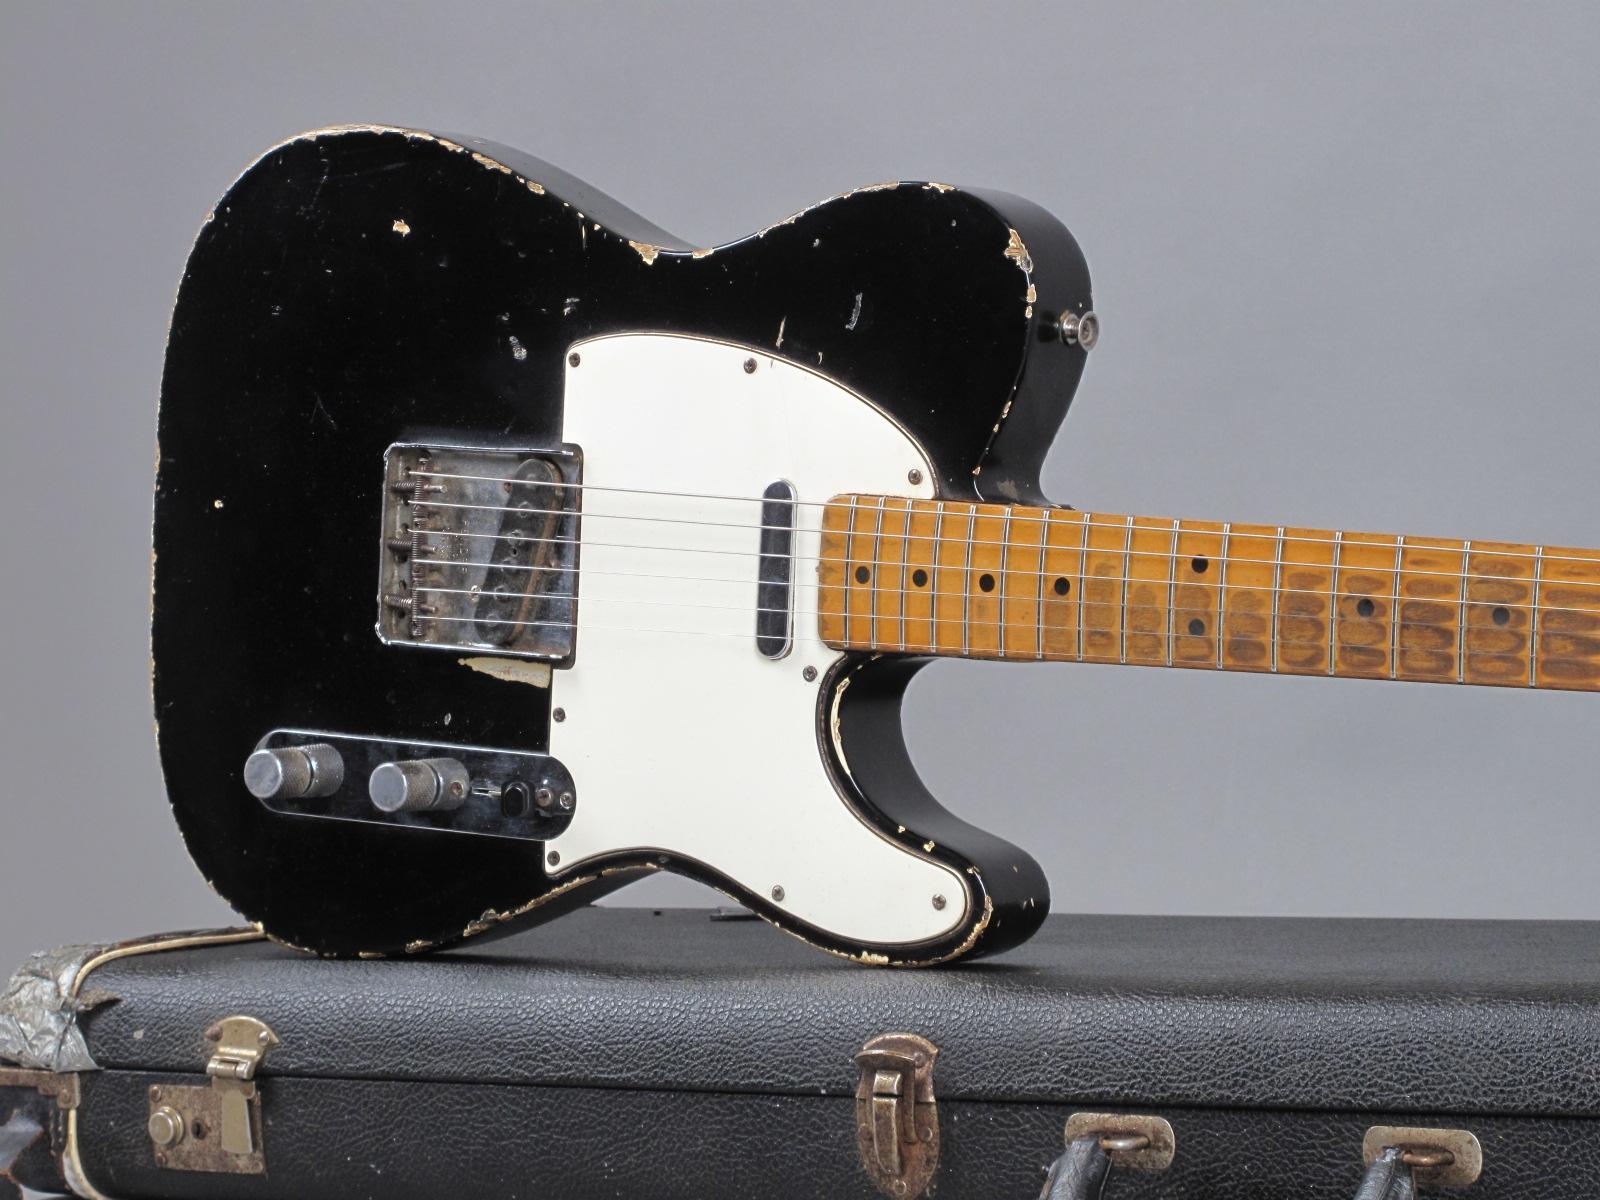 https://guitarpoint.de/app/uploads/products/1967-fender-telecaster-black-refin-215087/1969-Fender-Telecaster-Black-215087-19.jpg